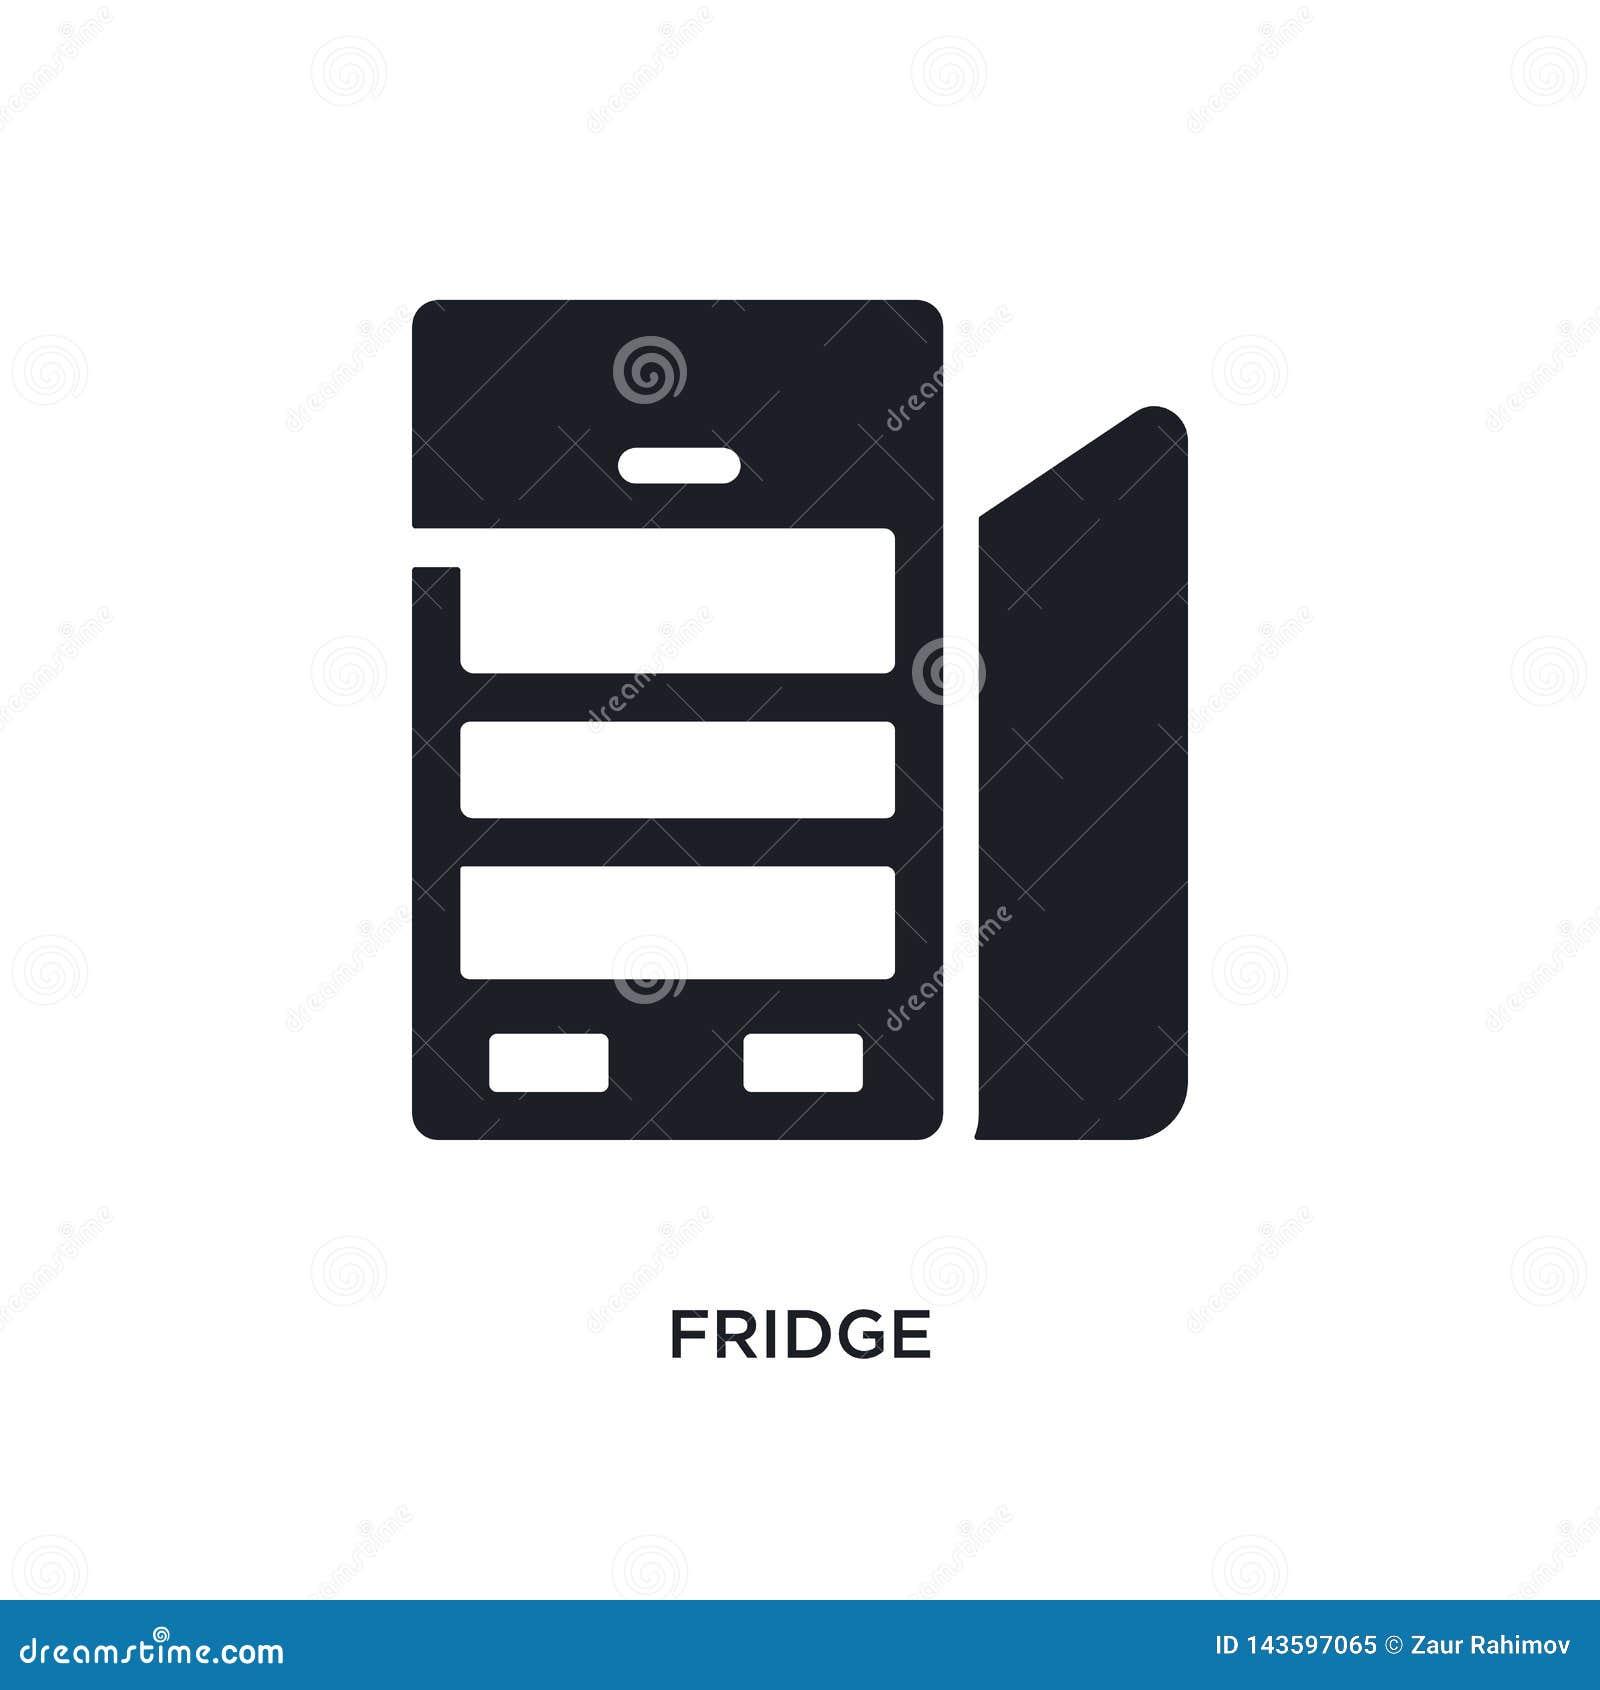 Czarnego fridge odosobniona wektorowa ikona prosta element ilustracja od meblarskich pojęcie wektoru ikon fridge editable czarny